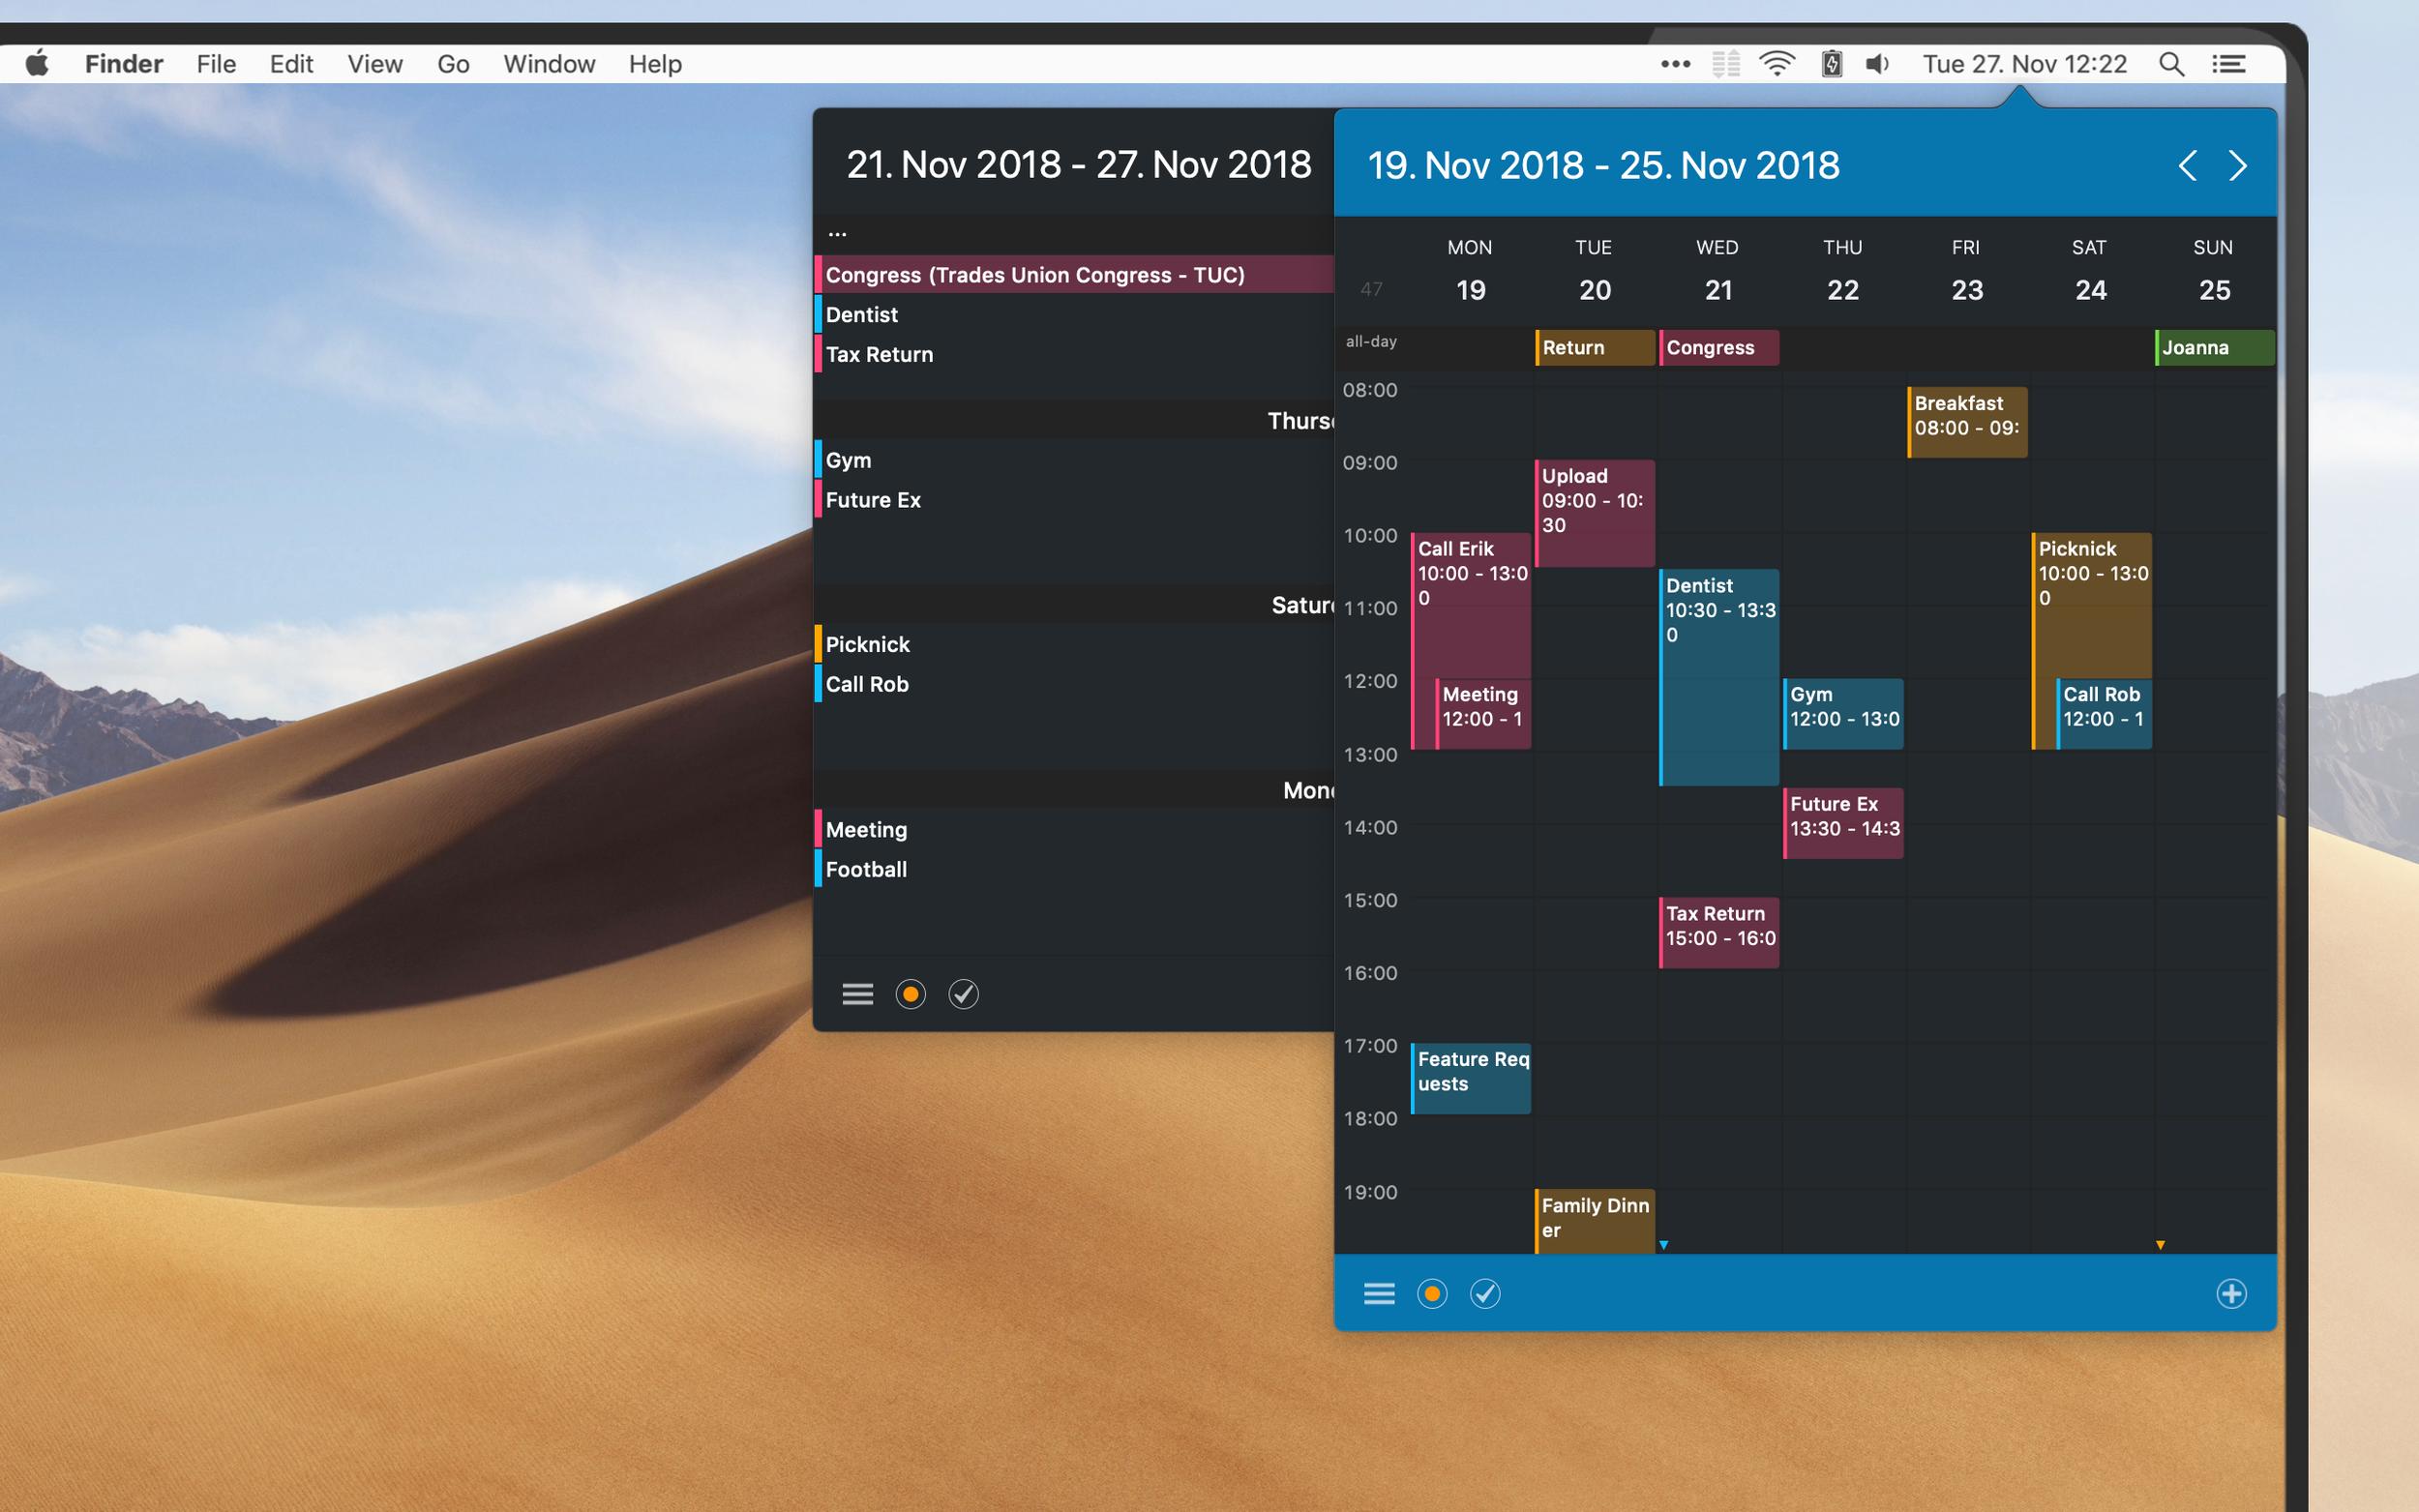 Calendar 366 2 -  - SAC Screenshot (2).png